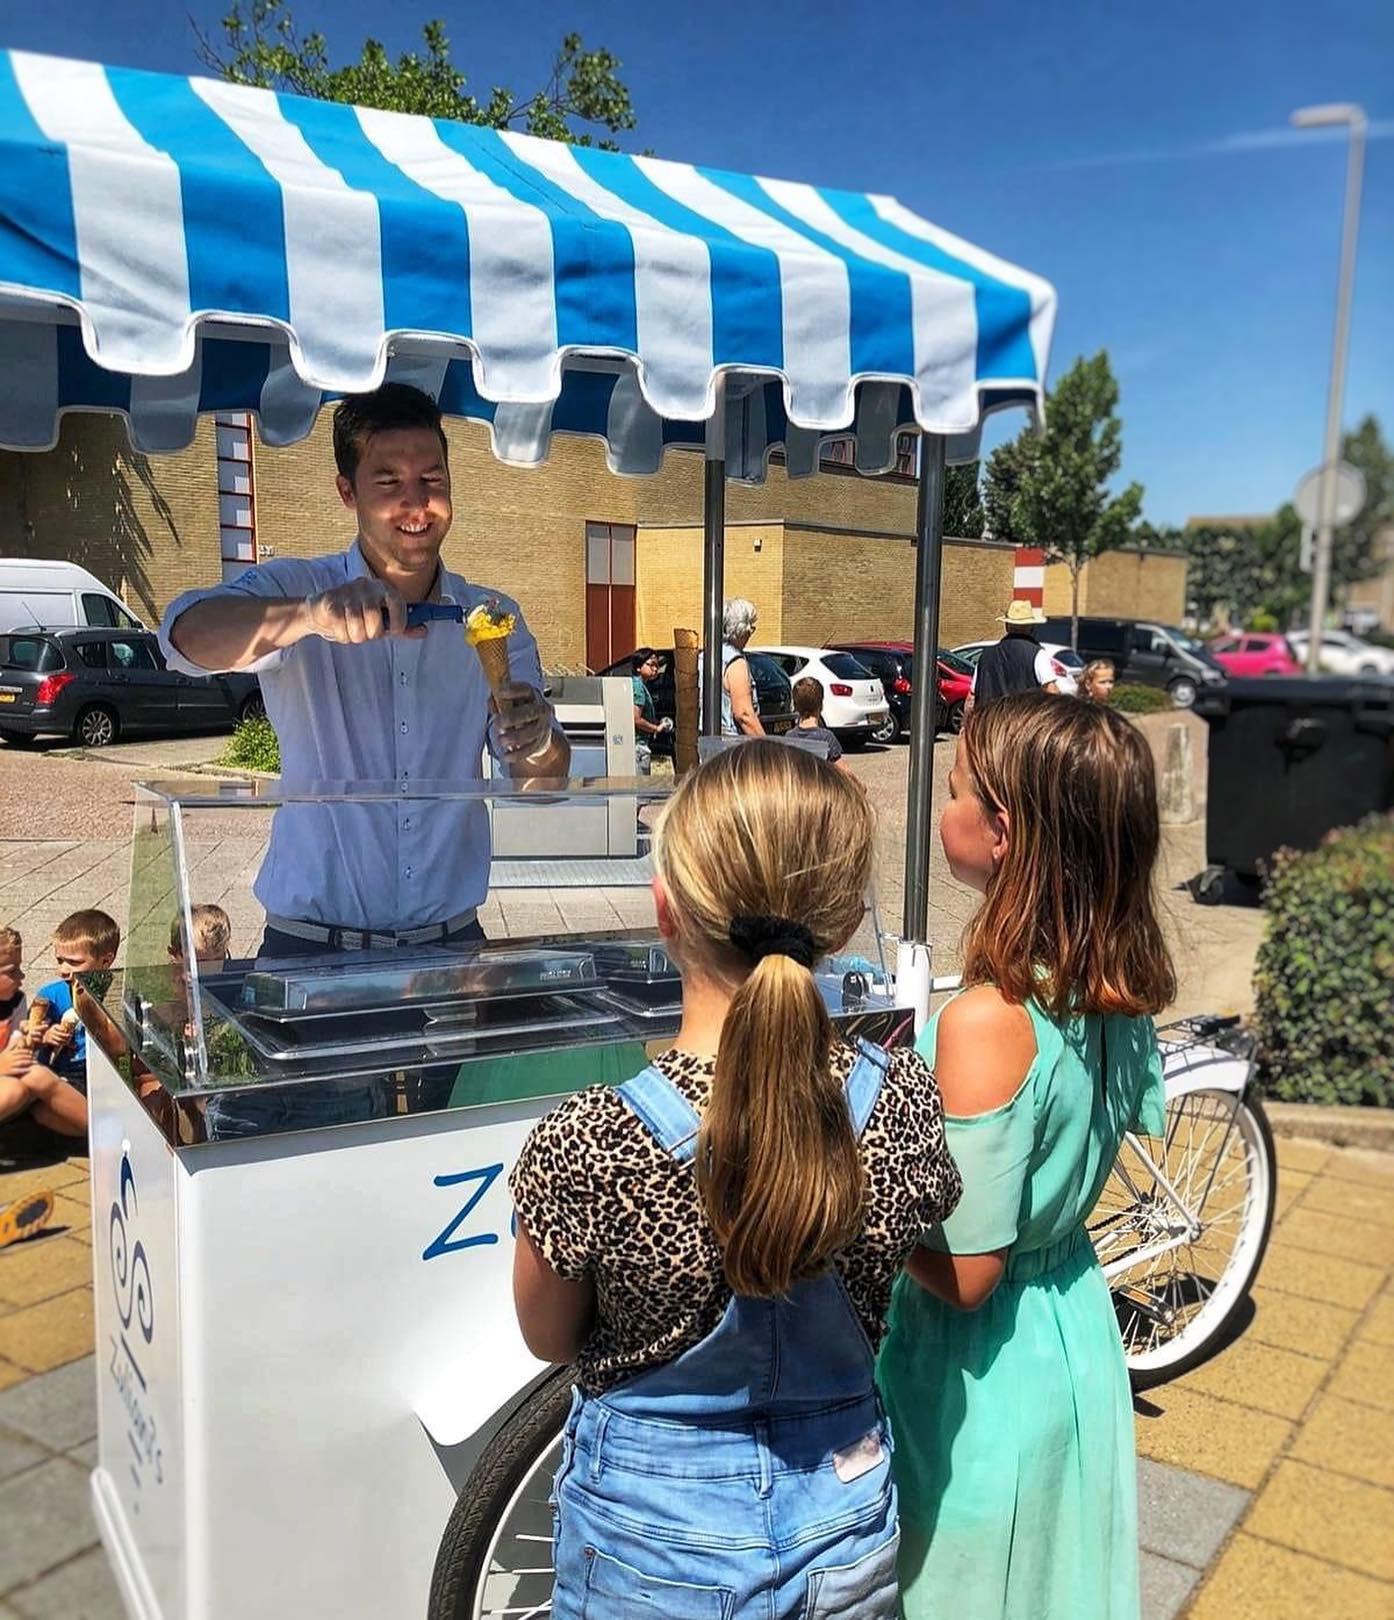 Het einde van het schooljaar komt dichterbij, vier deze zomerse periode met een ijskar van Zuliani's! Wij hebben een mooie korting voor basisscholen! Stuur hiervoor een mailtje naar Stéfano: info@zuliani-gelato.nl